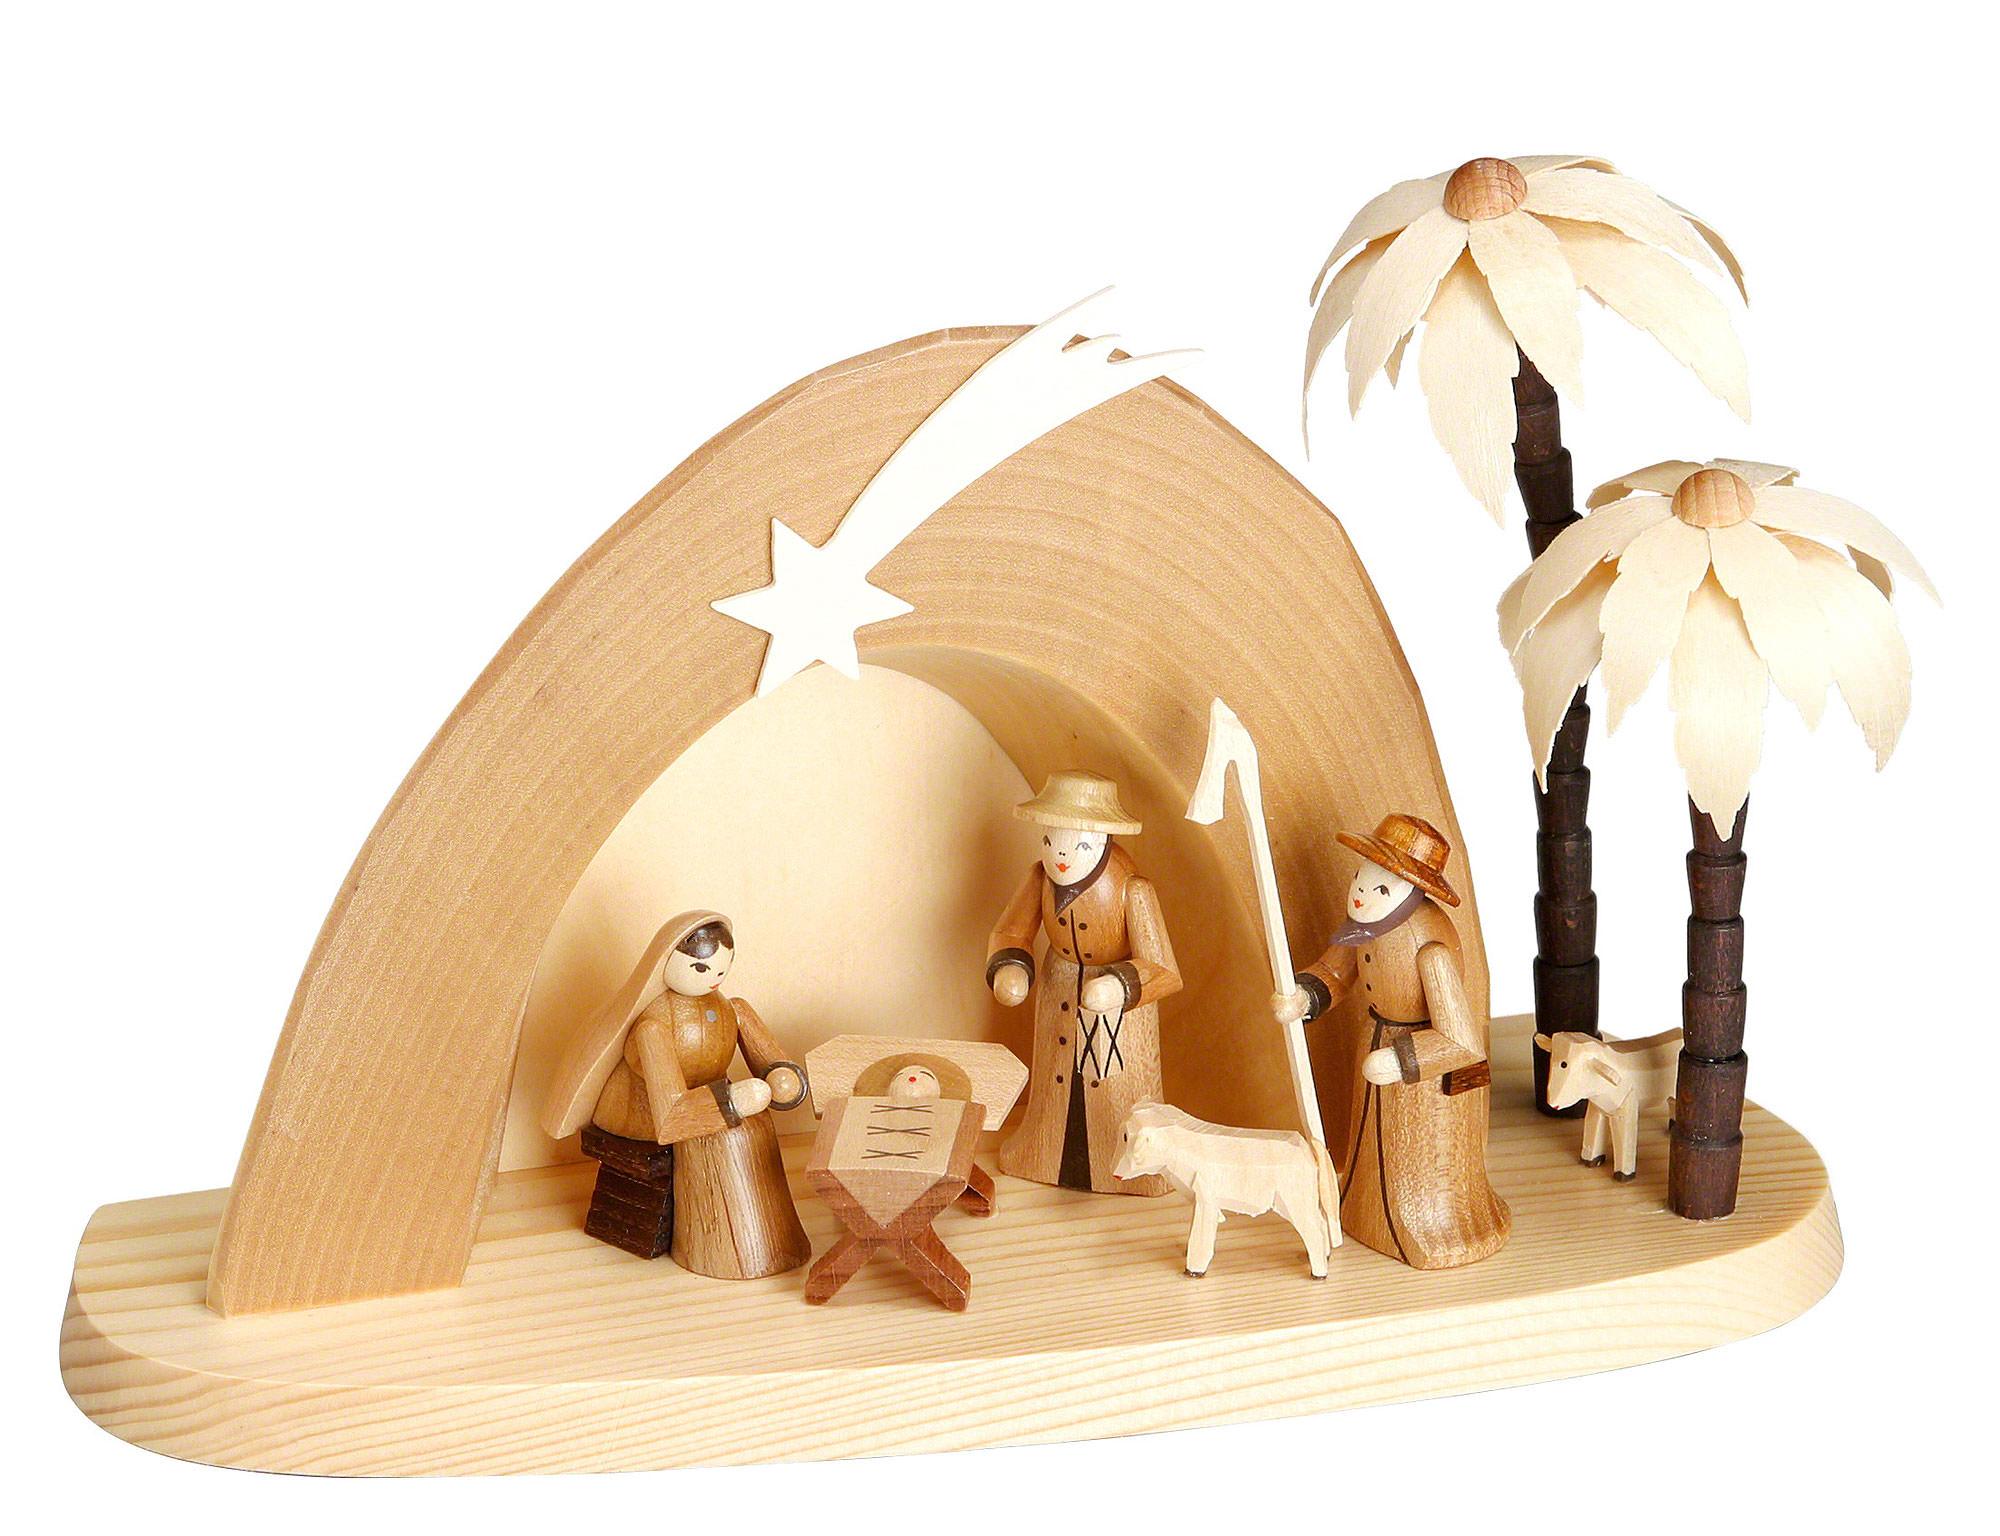 Weihnachtskrippe grotte 15cm von theo lorenz - Krippe modern holz ...